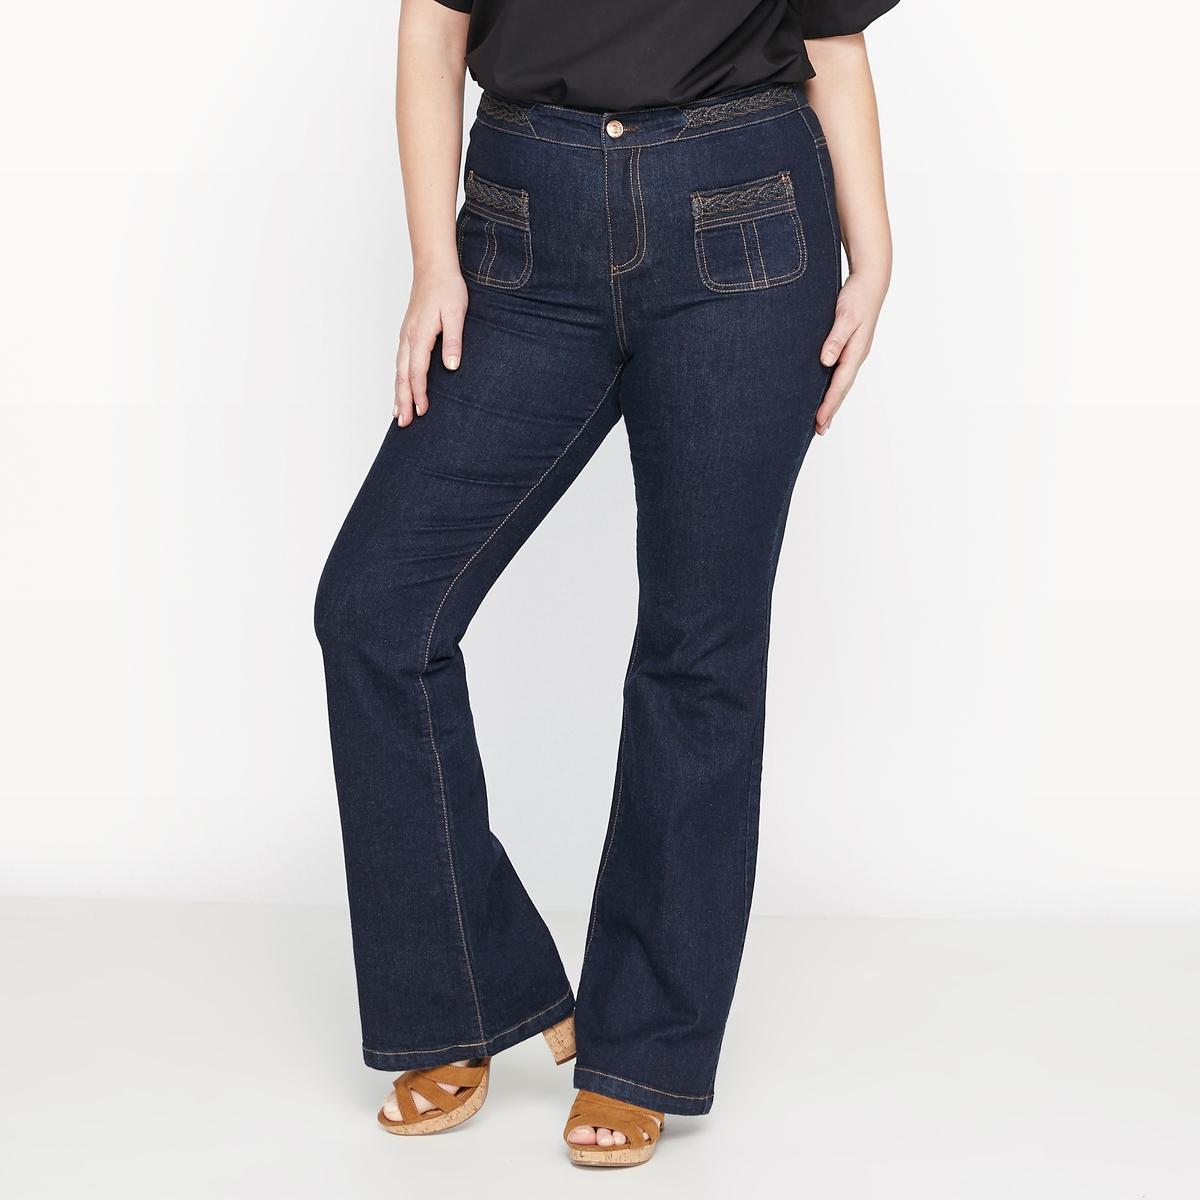 Джинсы-клешОписание:Джинсы клеш : тенденции 80-х годов снова в моде!  Очень стильные джинсы-клеш. Идеально будут смотреться с босоножками или ботильонами на каблуке.Детали •  Расклешенный покрой •  Стандартная высота поясаСостав и уход • 99% хлопка, 1% эластана  •  Температура стирки 30° •  Сухая чистка и отбеливание запрещены •  Не использовать барабанную сушку  •  Низкая температура глажки Товар из коллекции больших размеров •  Длина по внутр.шву 84 см, ширина по низу 29 см<br><br>Цвет: темно-синий<br>Размер: 50 (FR) - 56 (RUS).44 (FR) - 50 (RUS)